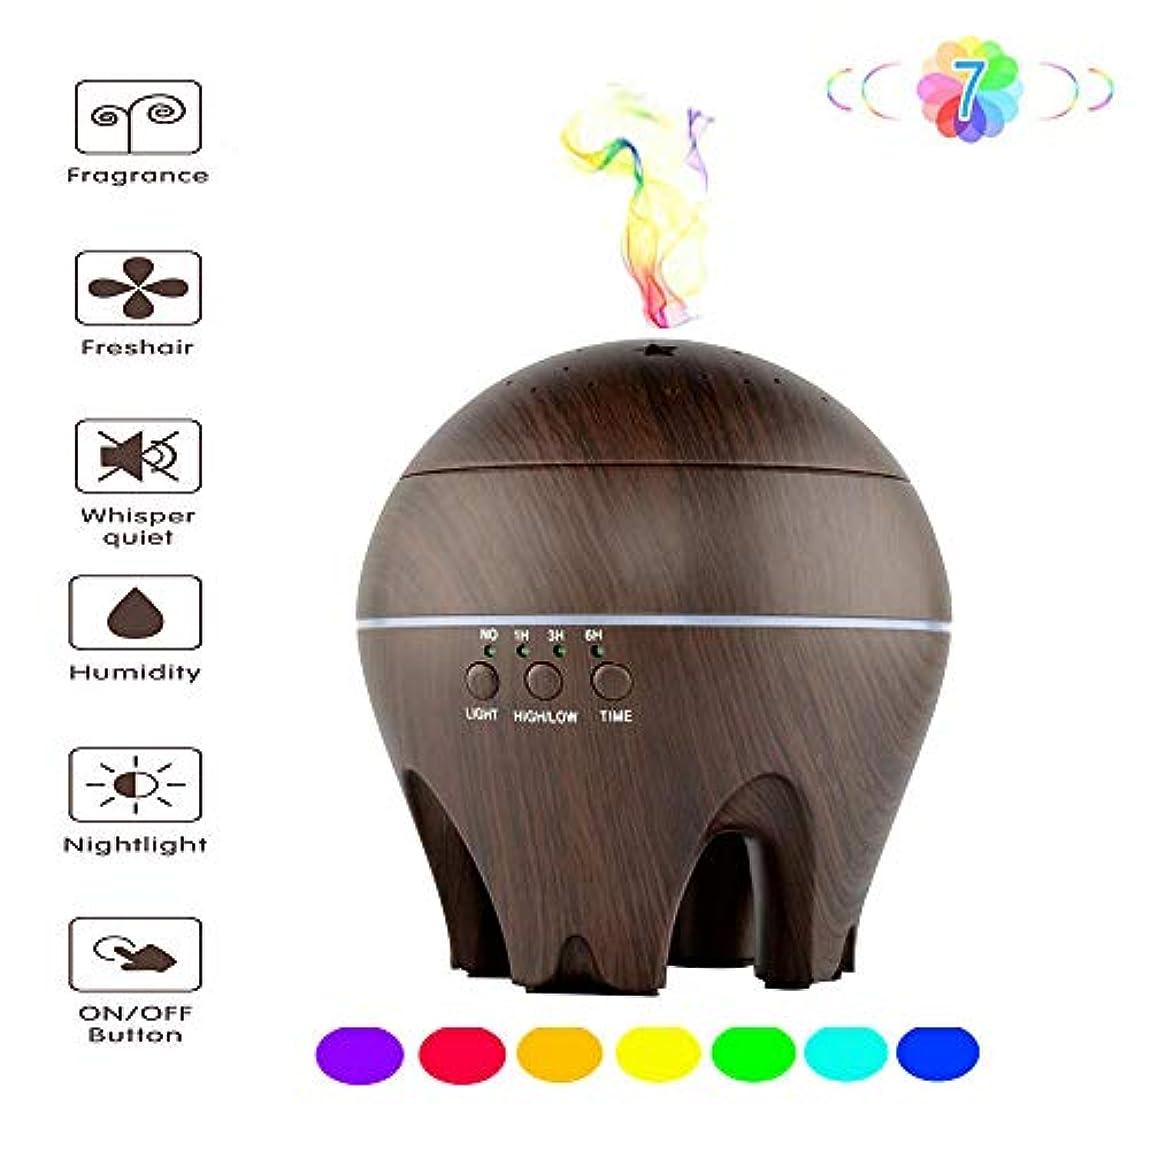 効率カードお風呂を持っている500mlアロマエッセンシャルオイルディフューザー - 超音波加湿器 - コールドフォグモード - 魅力的な7色LEDナイトライト - オートオフ - タイマー設定